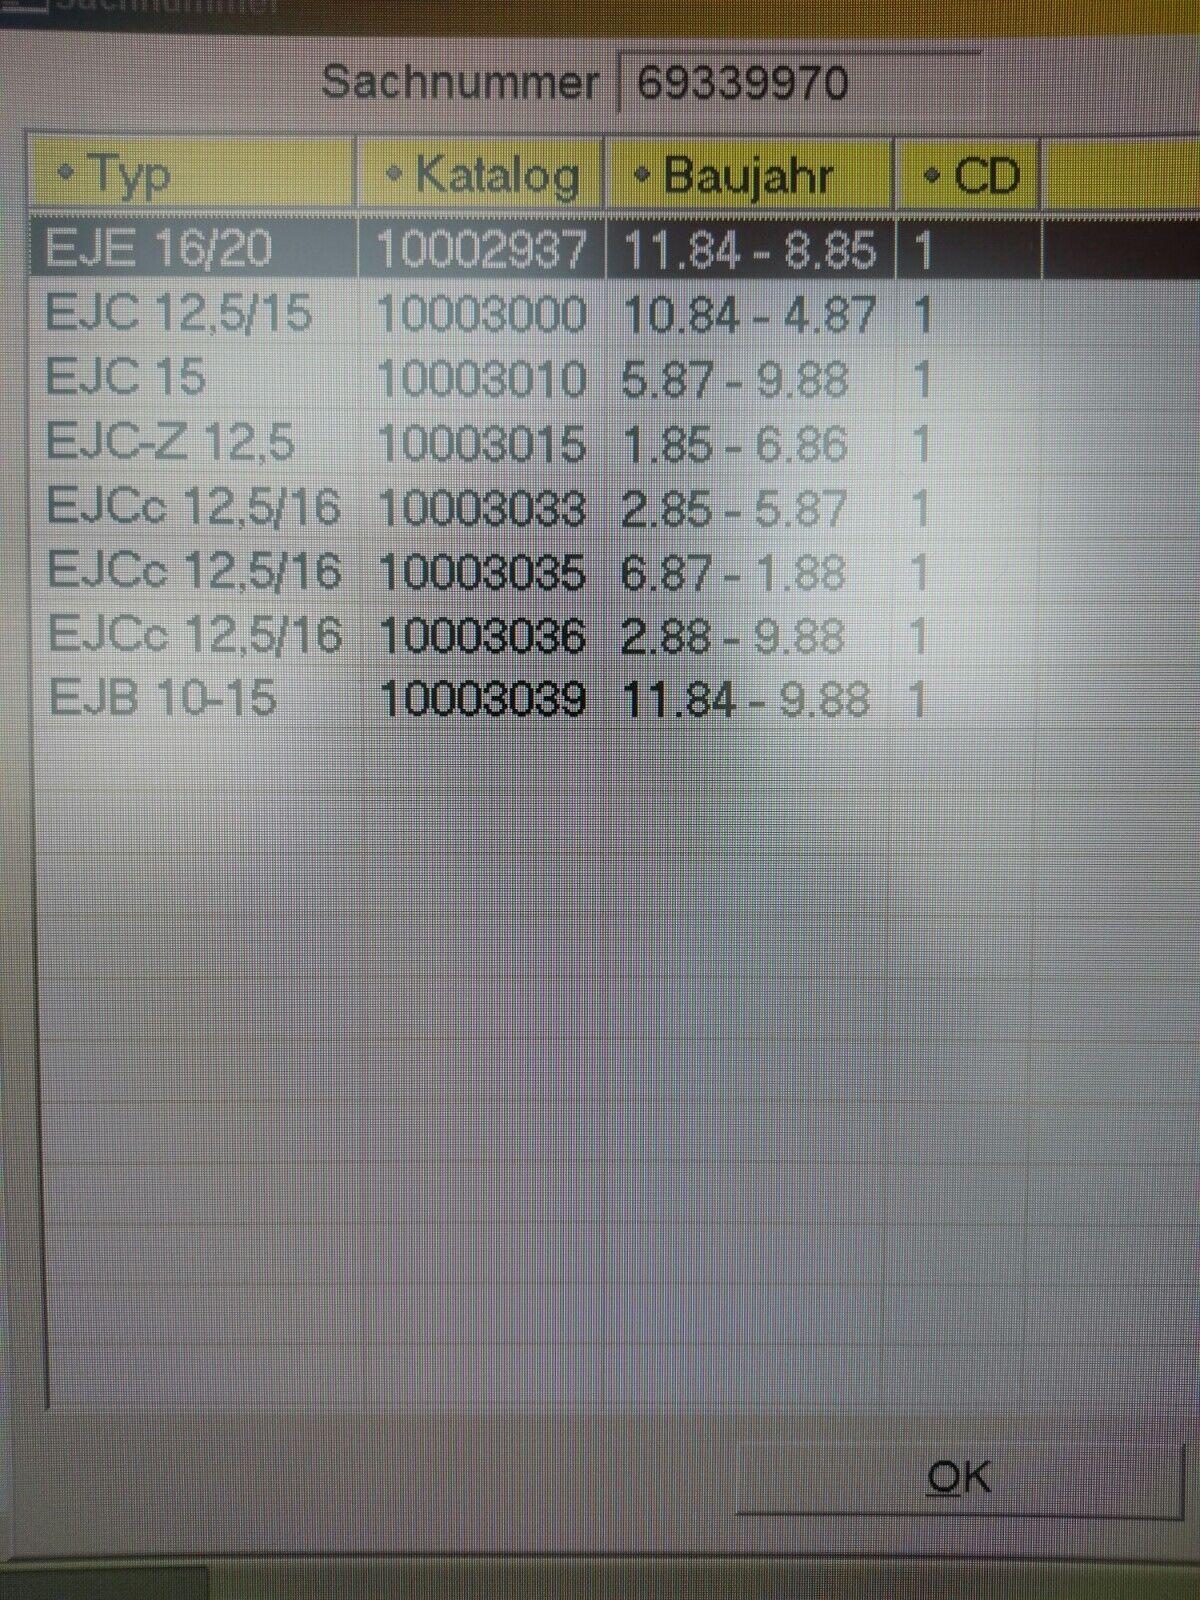 Barre D'attelage câble résistance contrôle JUNGHEINRICH JUNGHEINRICH contrôle Nº 69339970 55a16f